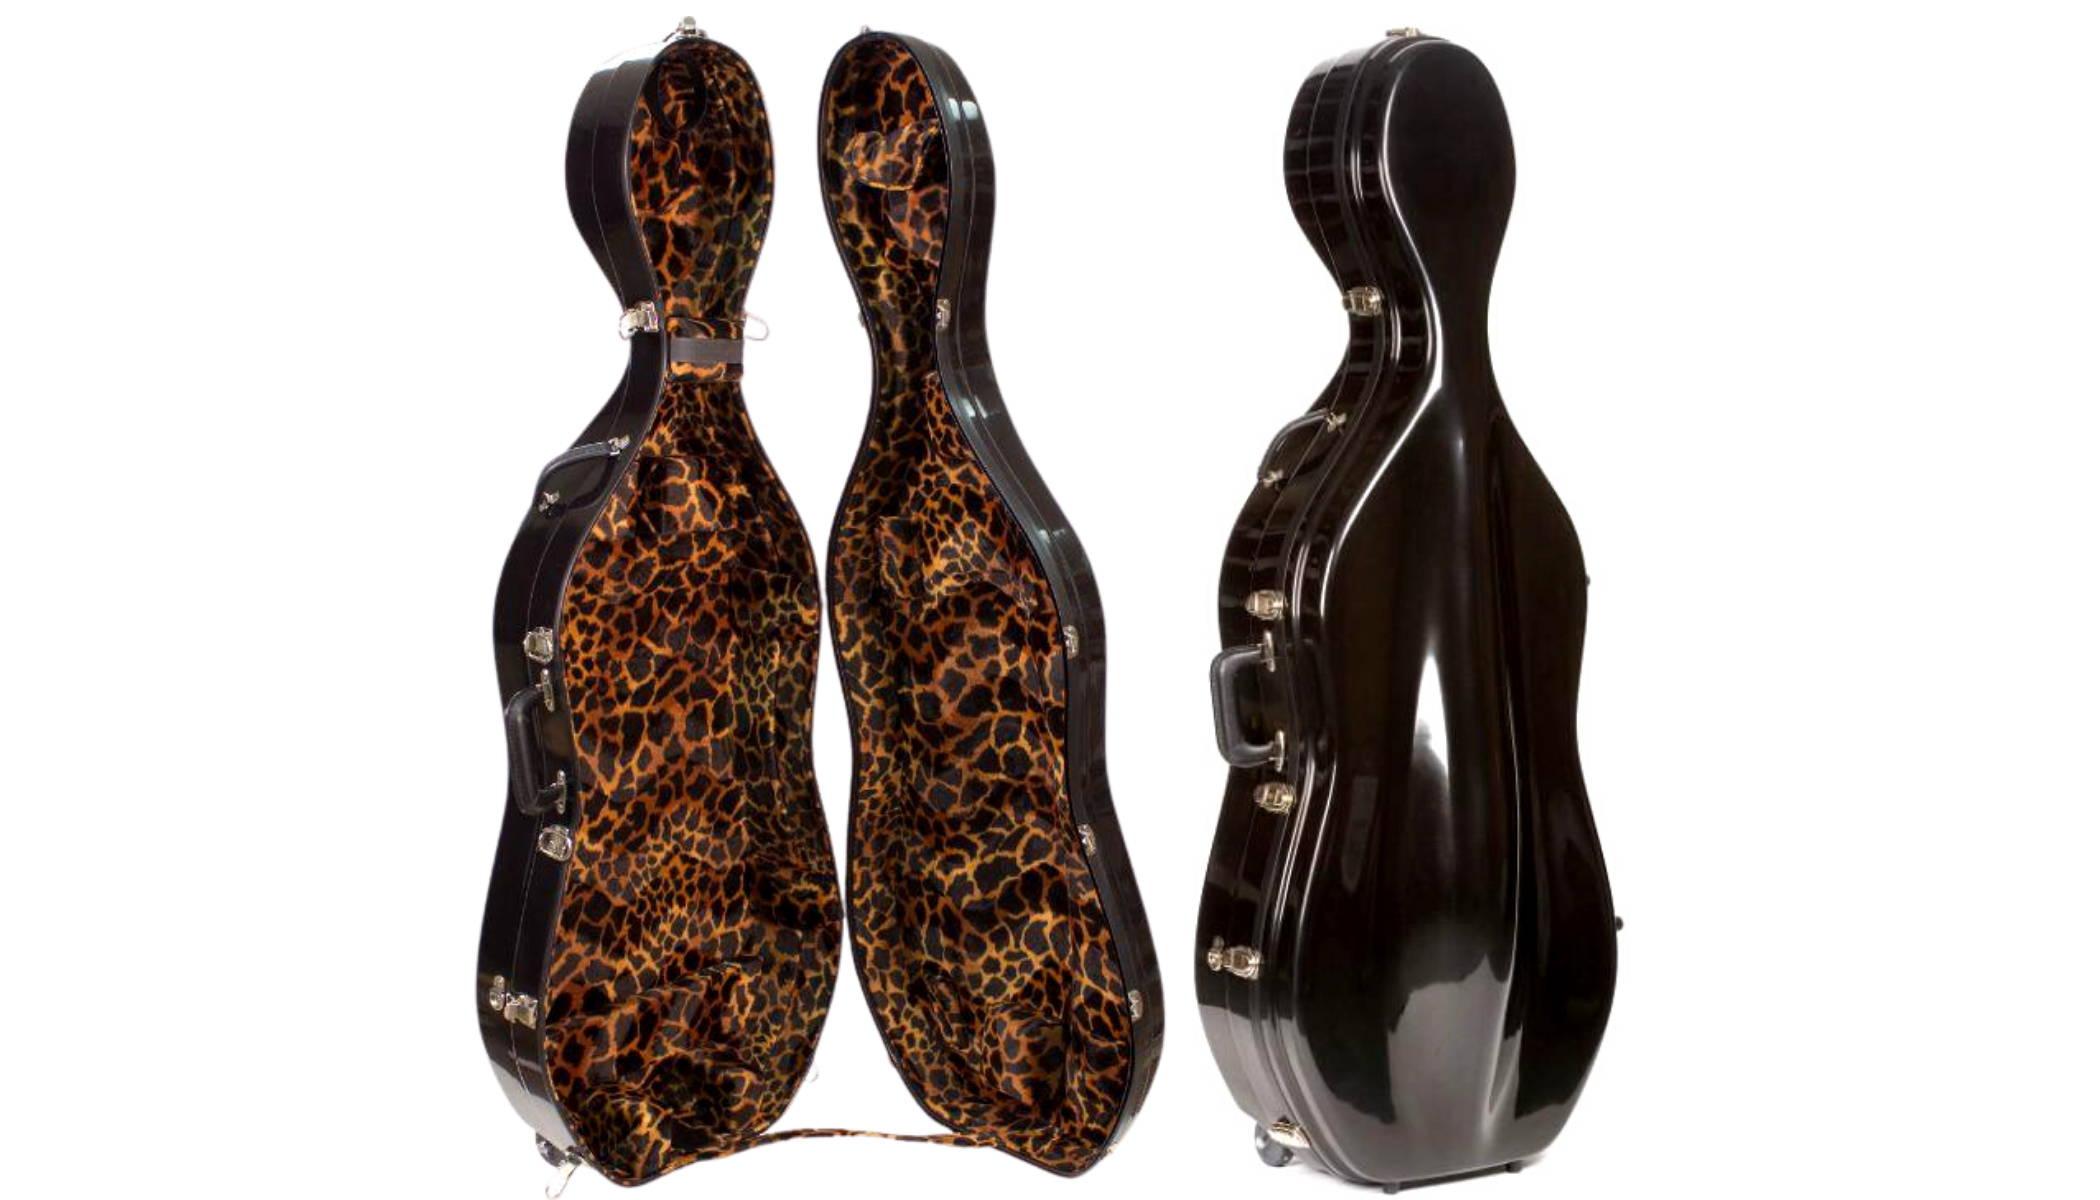 Bobelock 2000 Cello Case